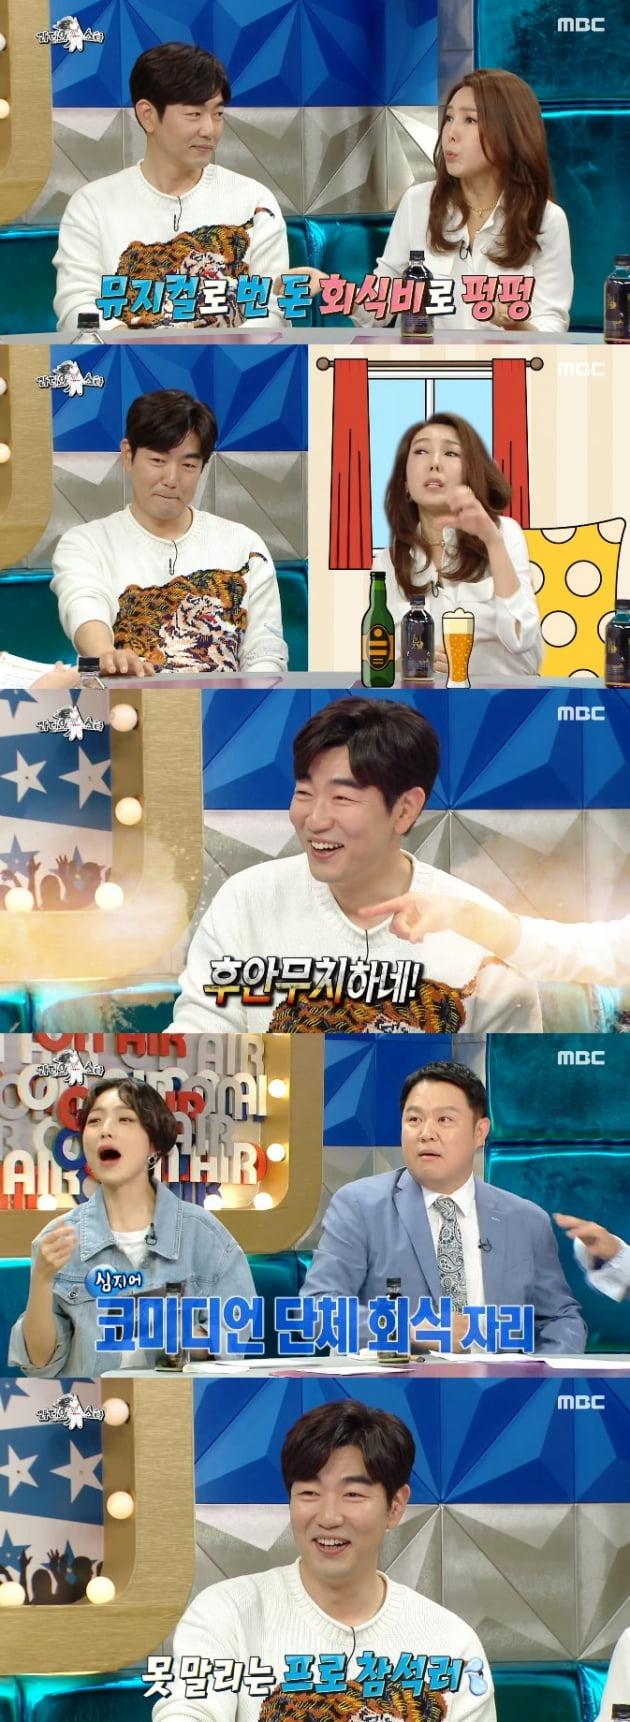 '라디오스타' 이종혁 / 사진 = MBC 영상 캡처